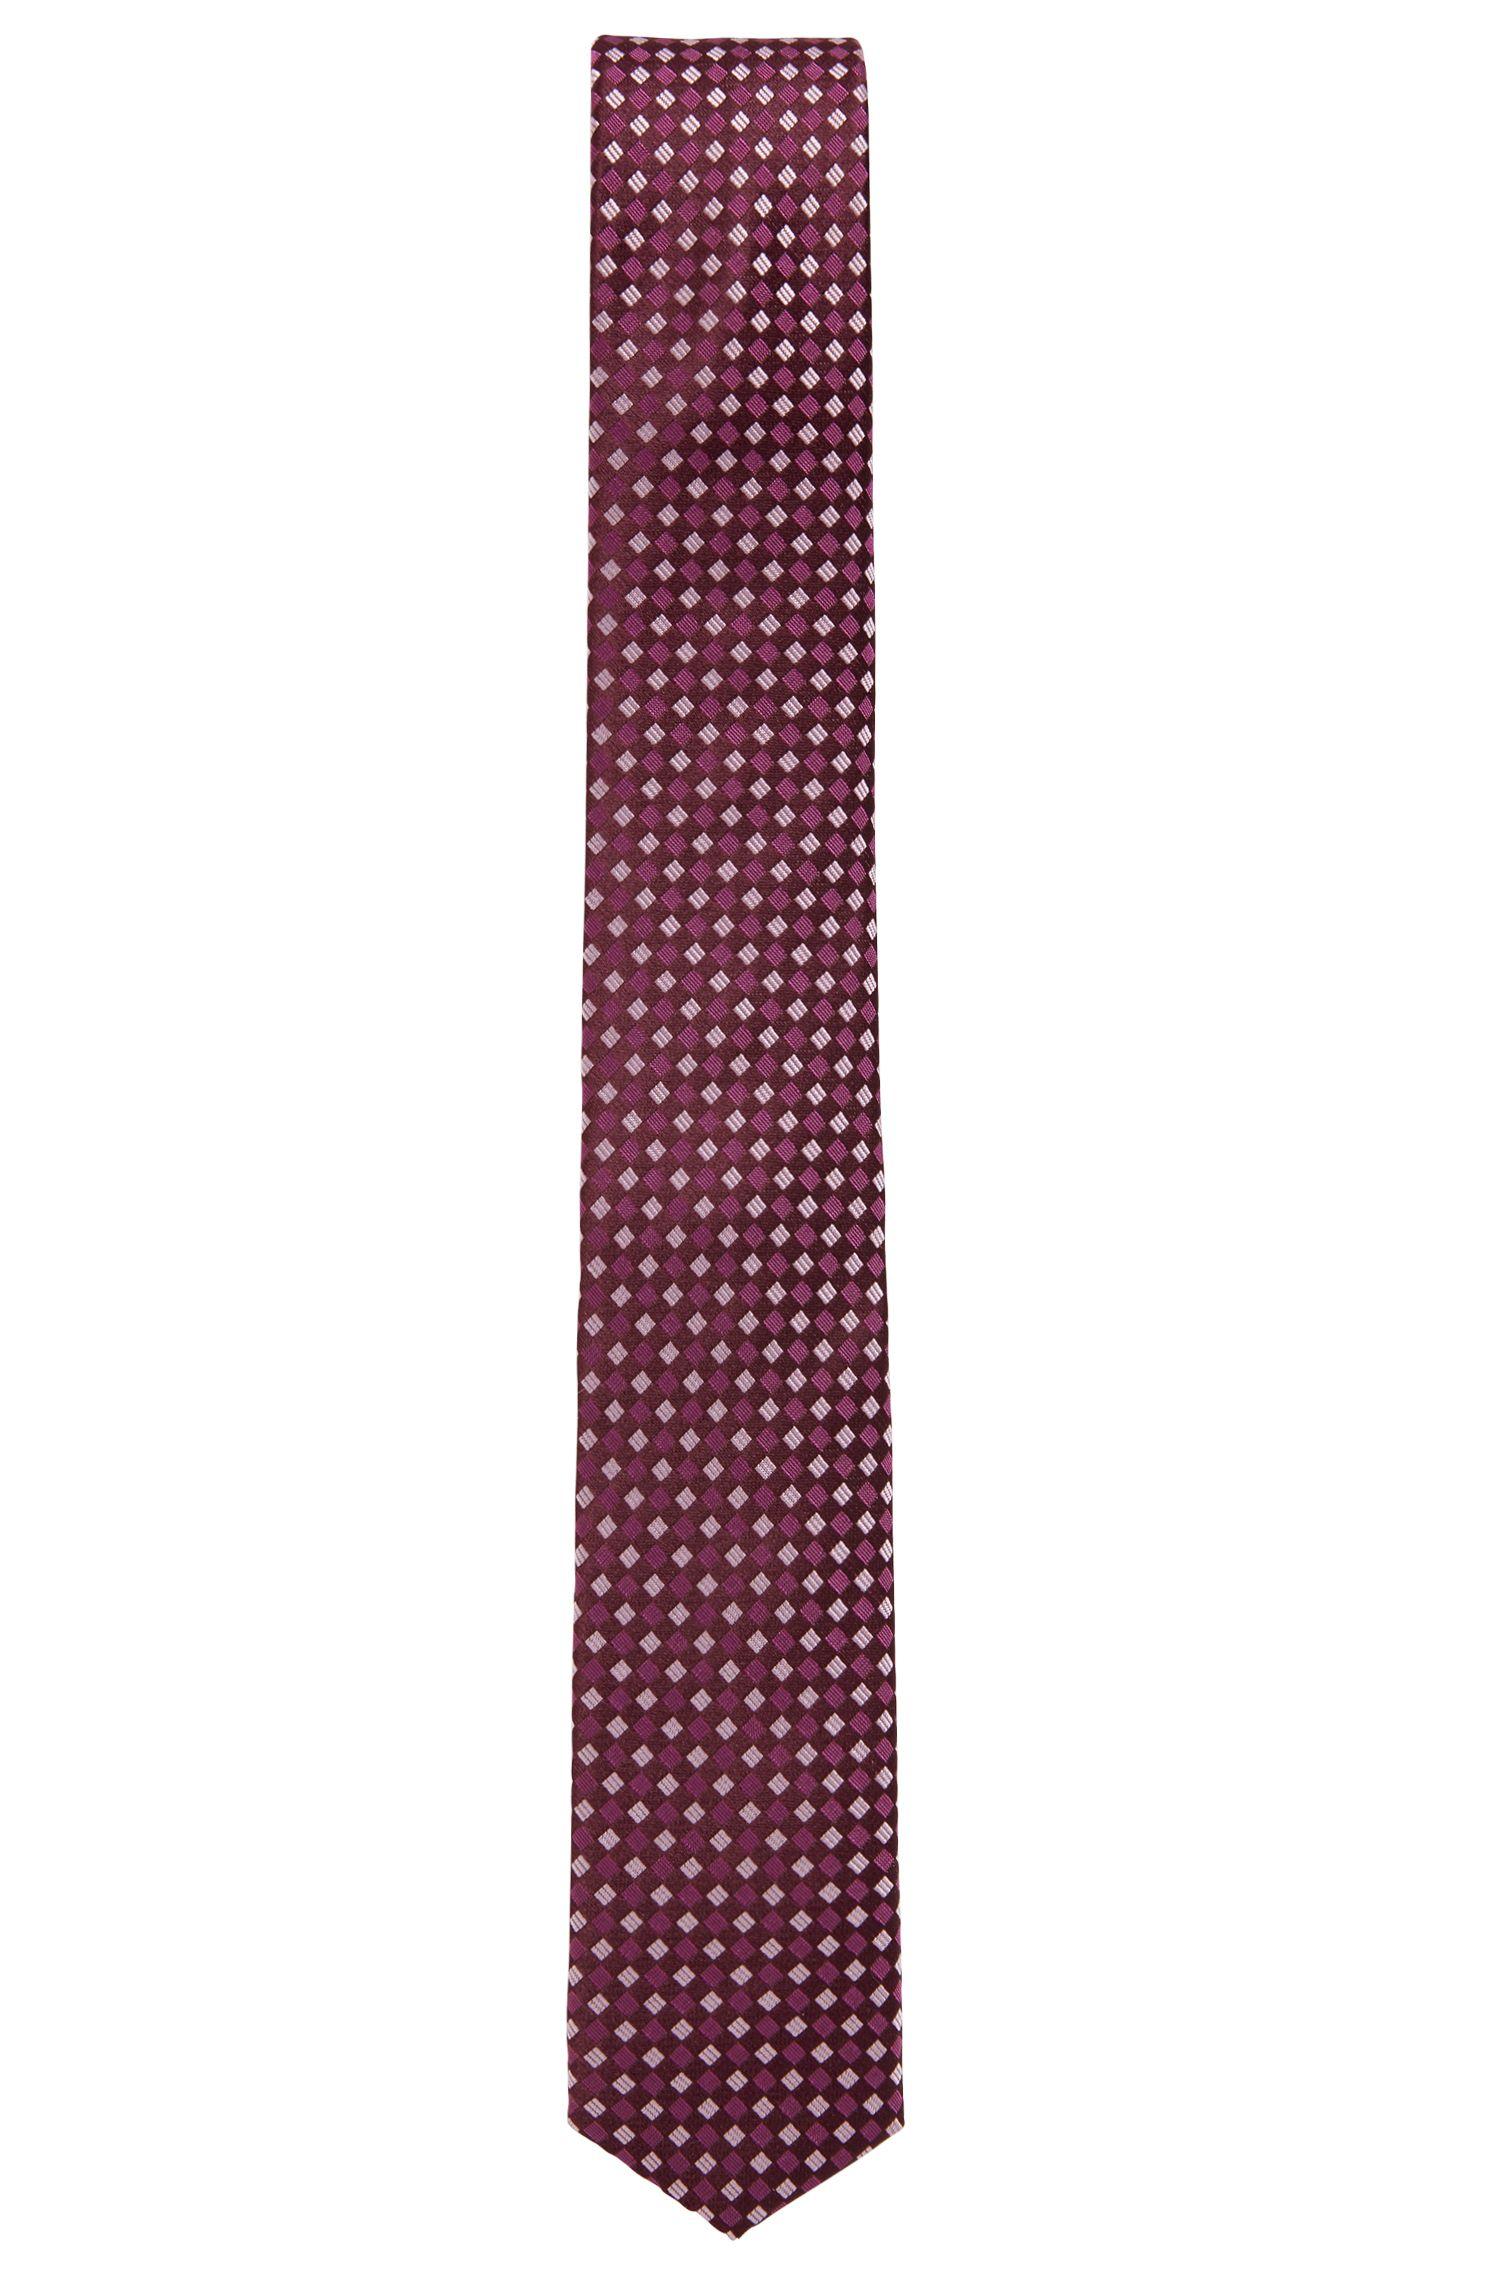 Cravate imperméable de la collection Travel Line, en jacquard de soie à motif